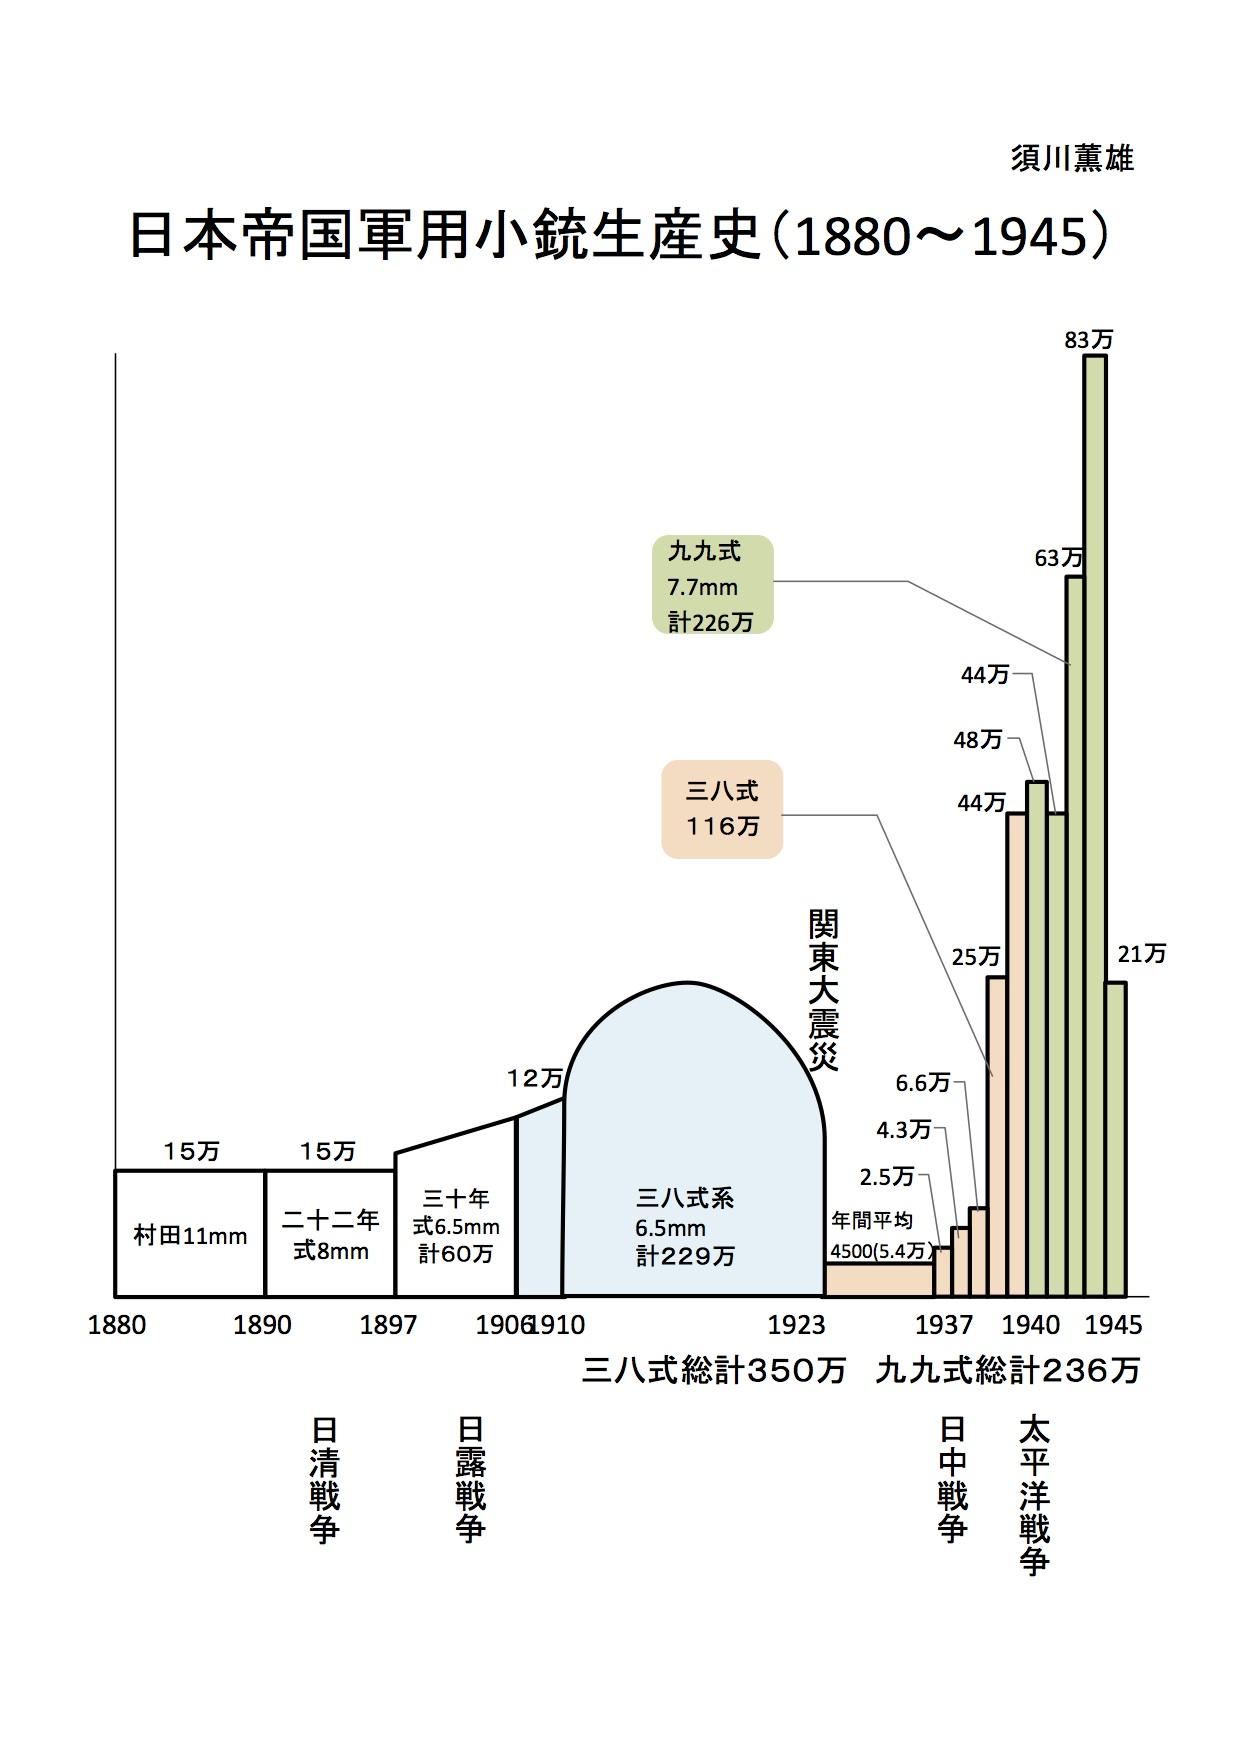 日本帝国軍用小銃生産史(クリックで拡大)